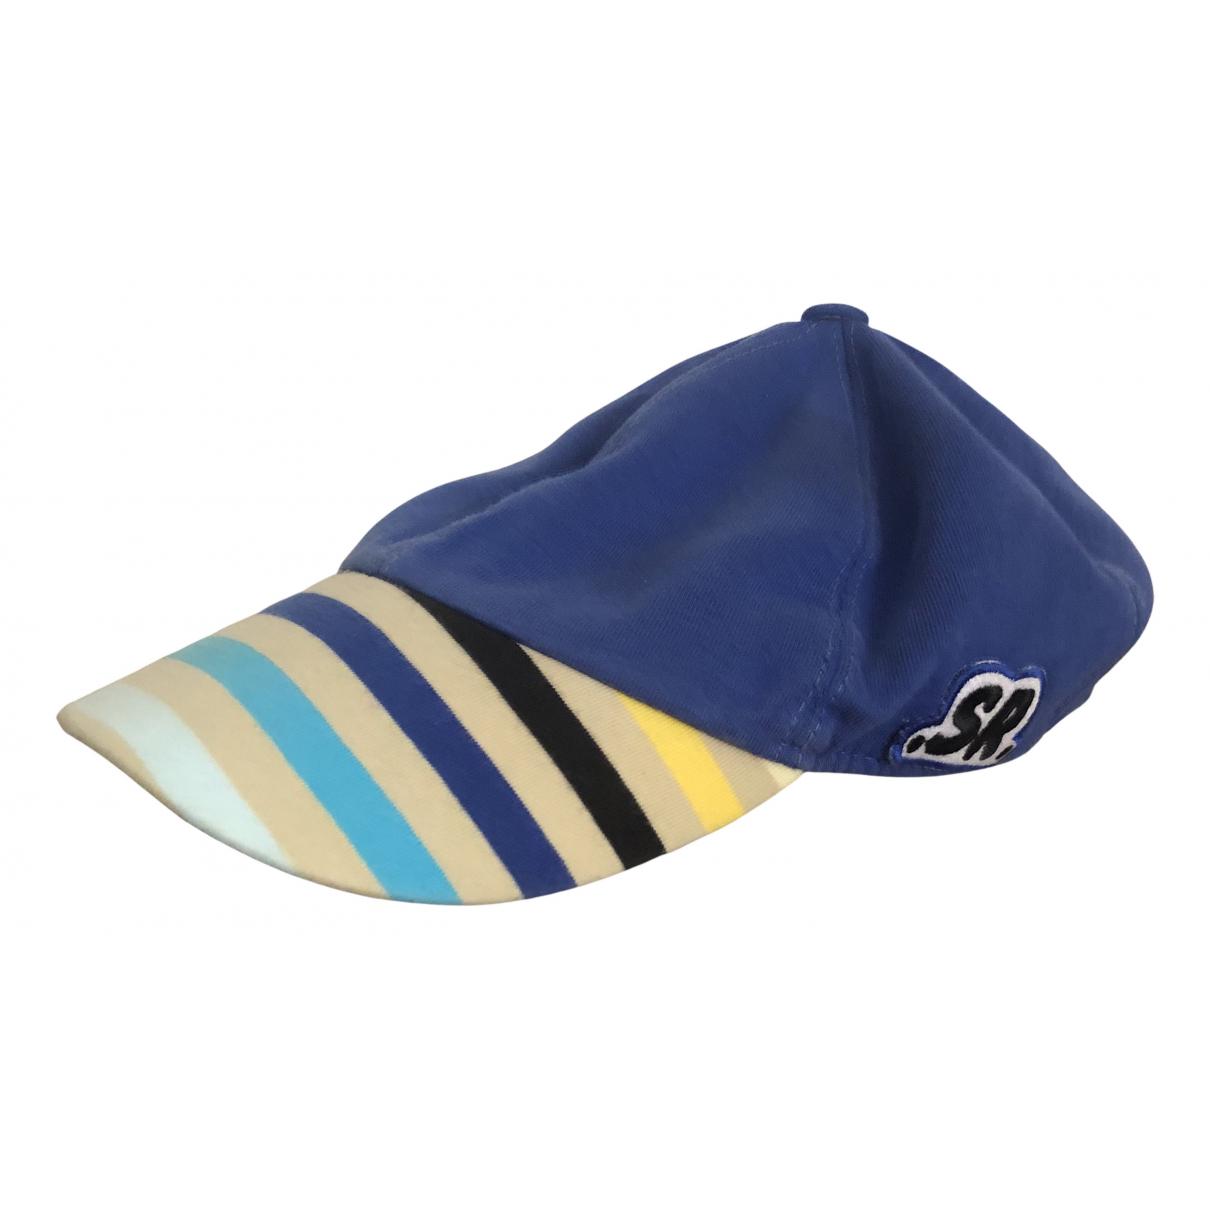 Sonia Rykiel \N Hut, Muetzen, Handschuhe in  Blau Baumwolle